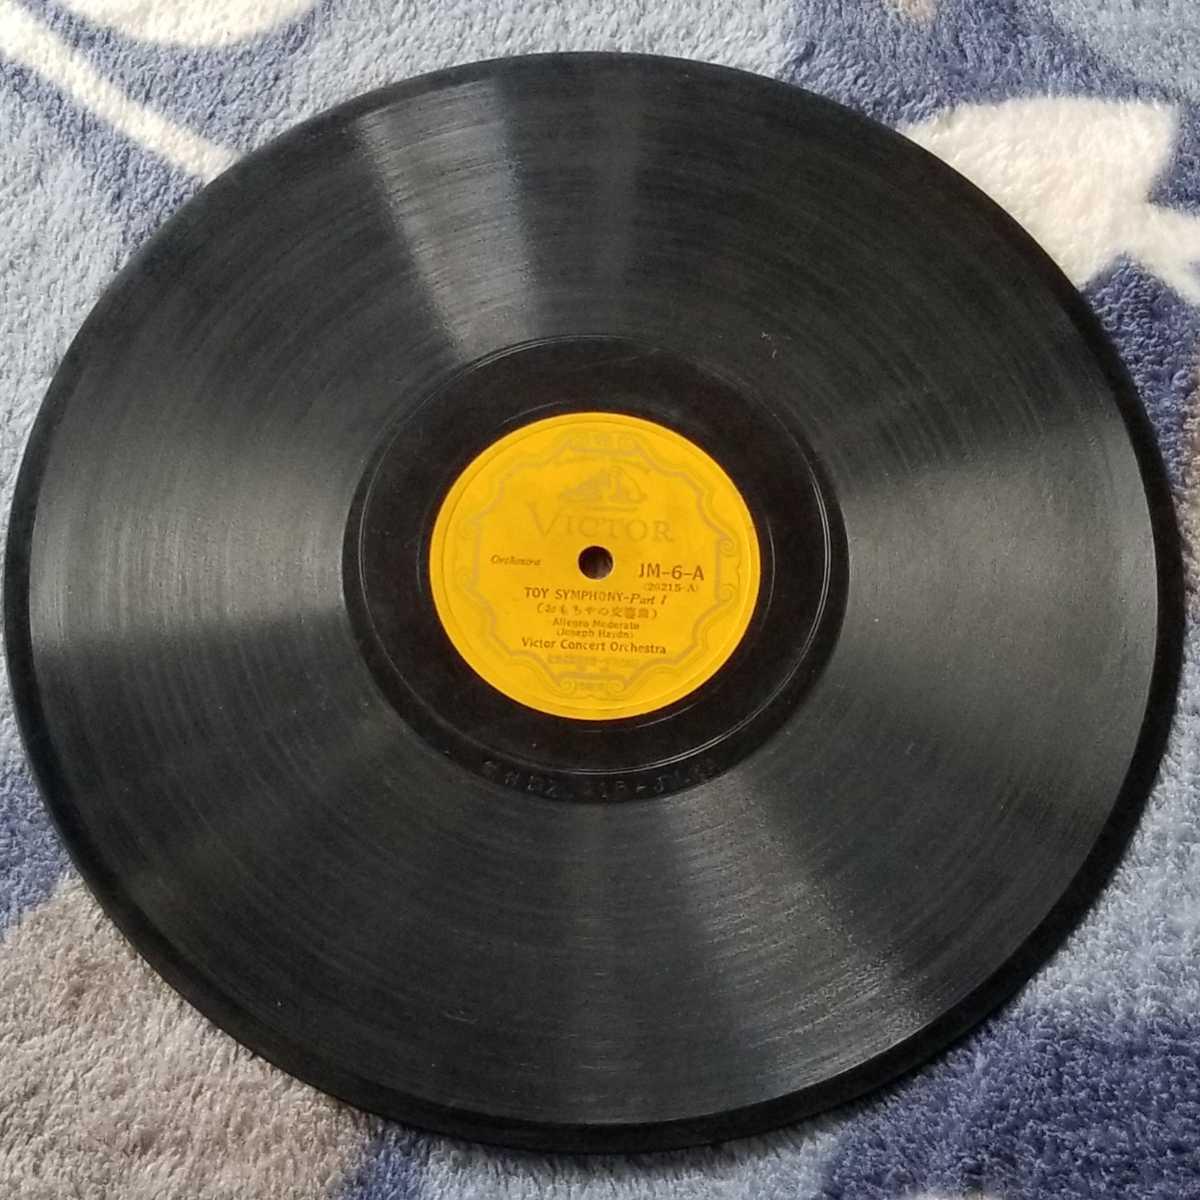 ビクター おもちゃの交響曲 上下 蓄音機SPレコード盤10インチ (25cm)※200_画像2